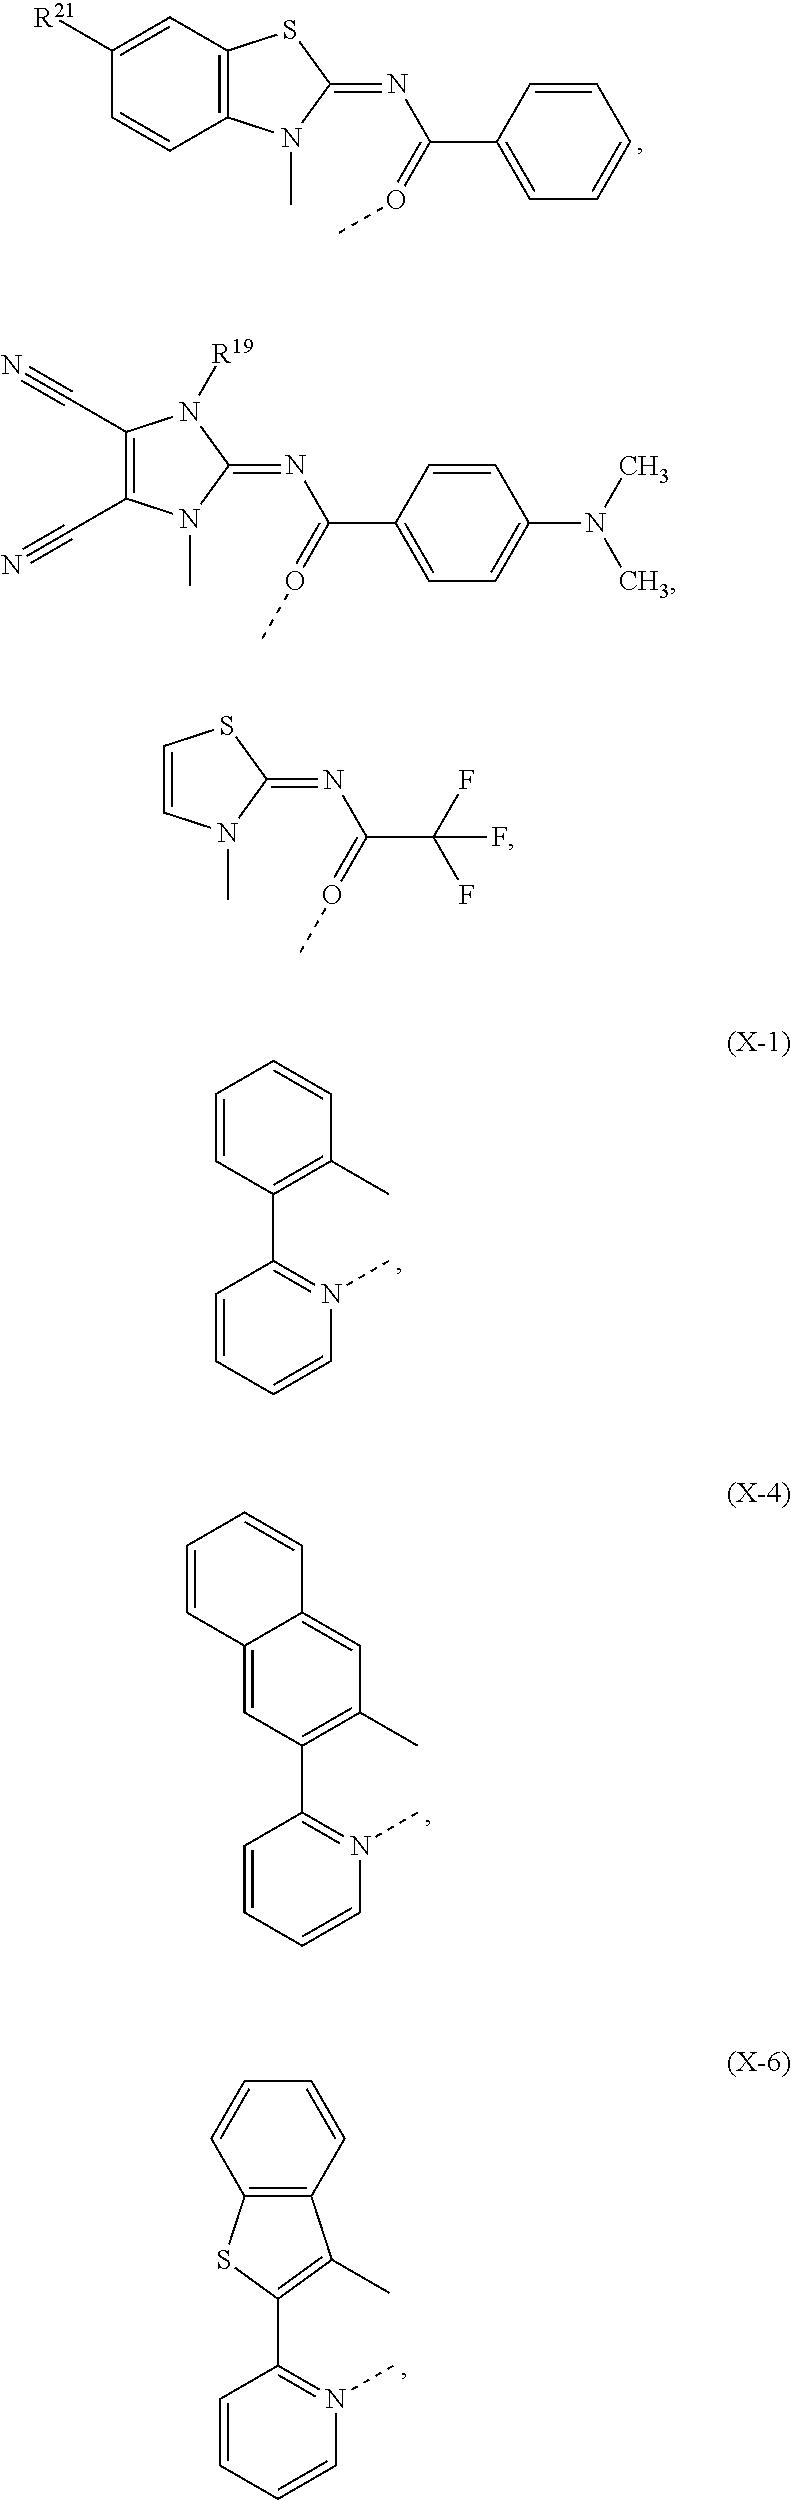 Figure US09362510-20160607-C00051